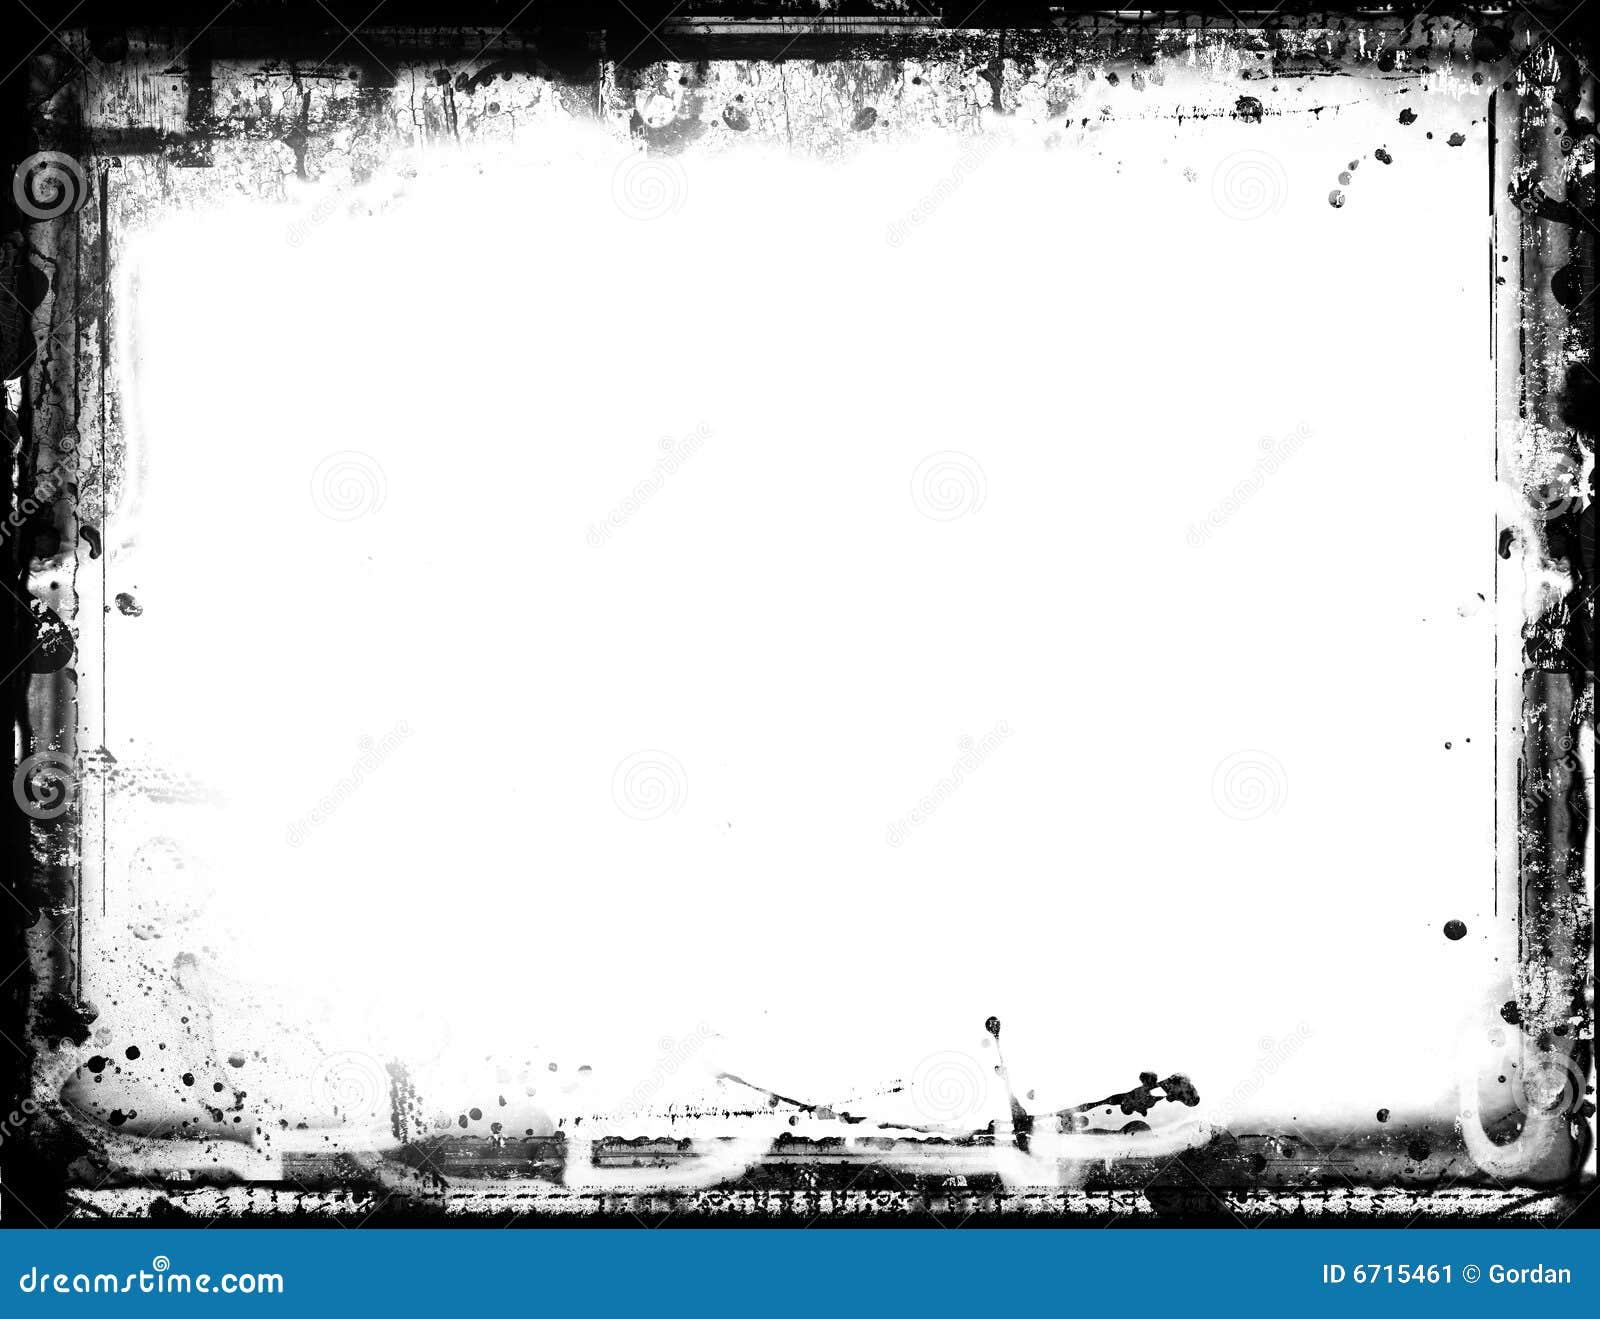 Grunge Border Stock Image Image 6715461